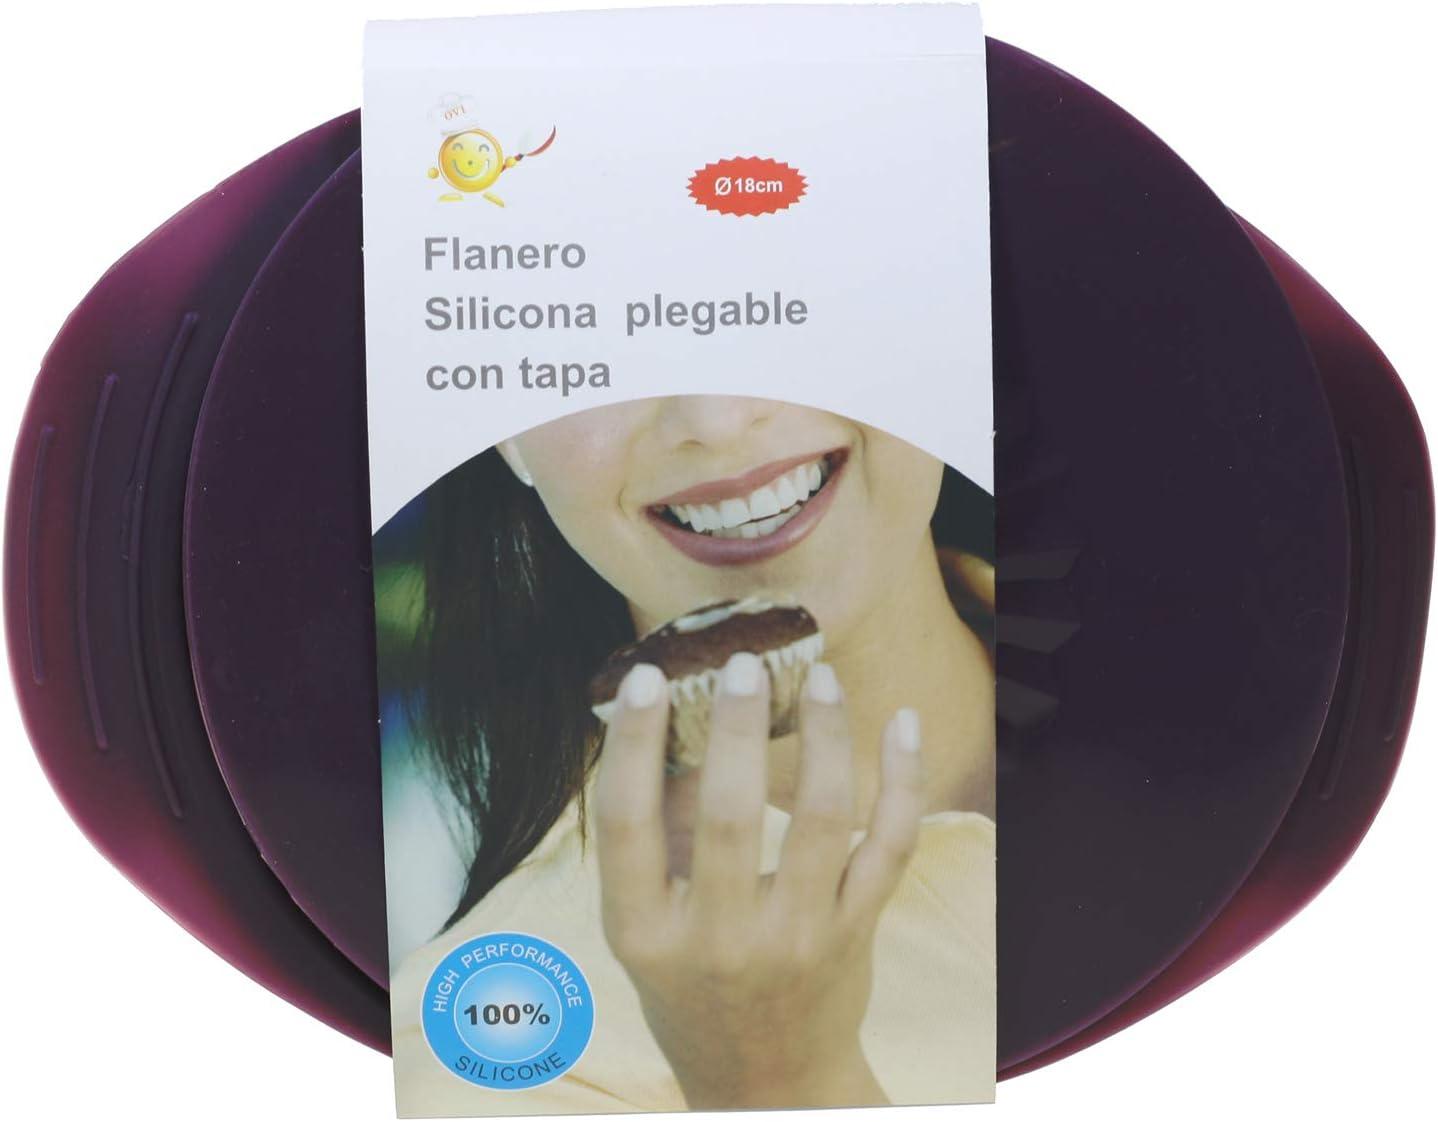 MI CASA Flanero silicona plegable con tapa, 18cm, Apto para horno ...